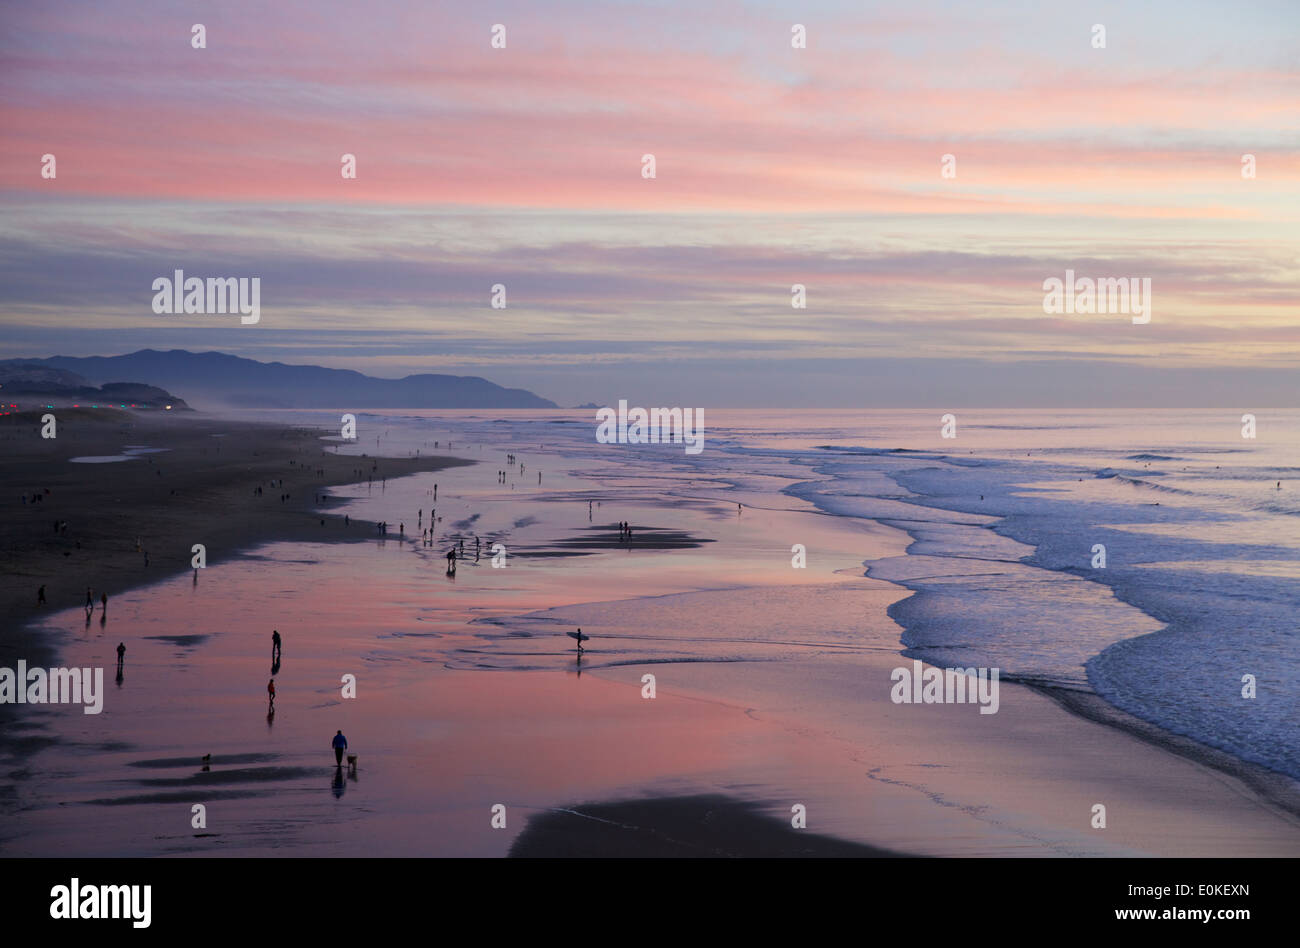 Menschen zu Fuß entlang der Küste sind gegen einen genialen Sonnenuntergang mit Farben blau, rosa und lila Silhouette. Stockbild